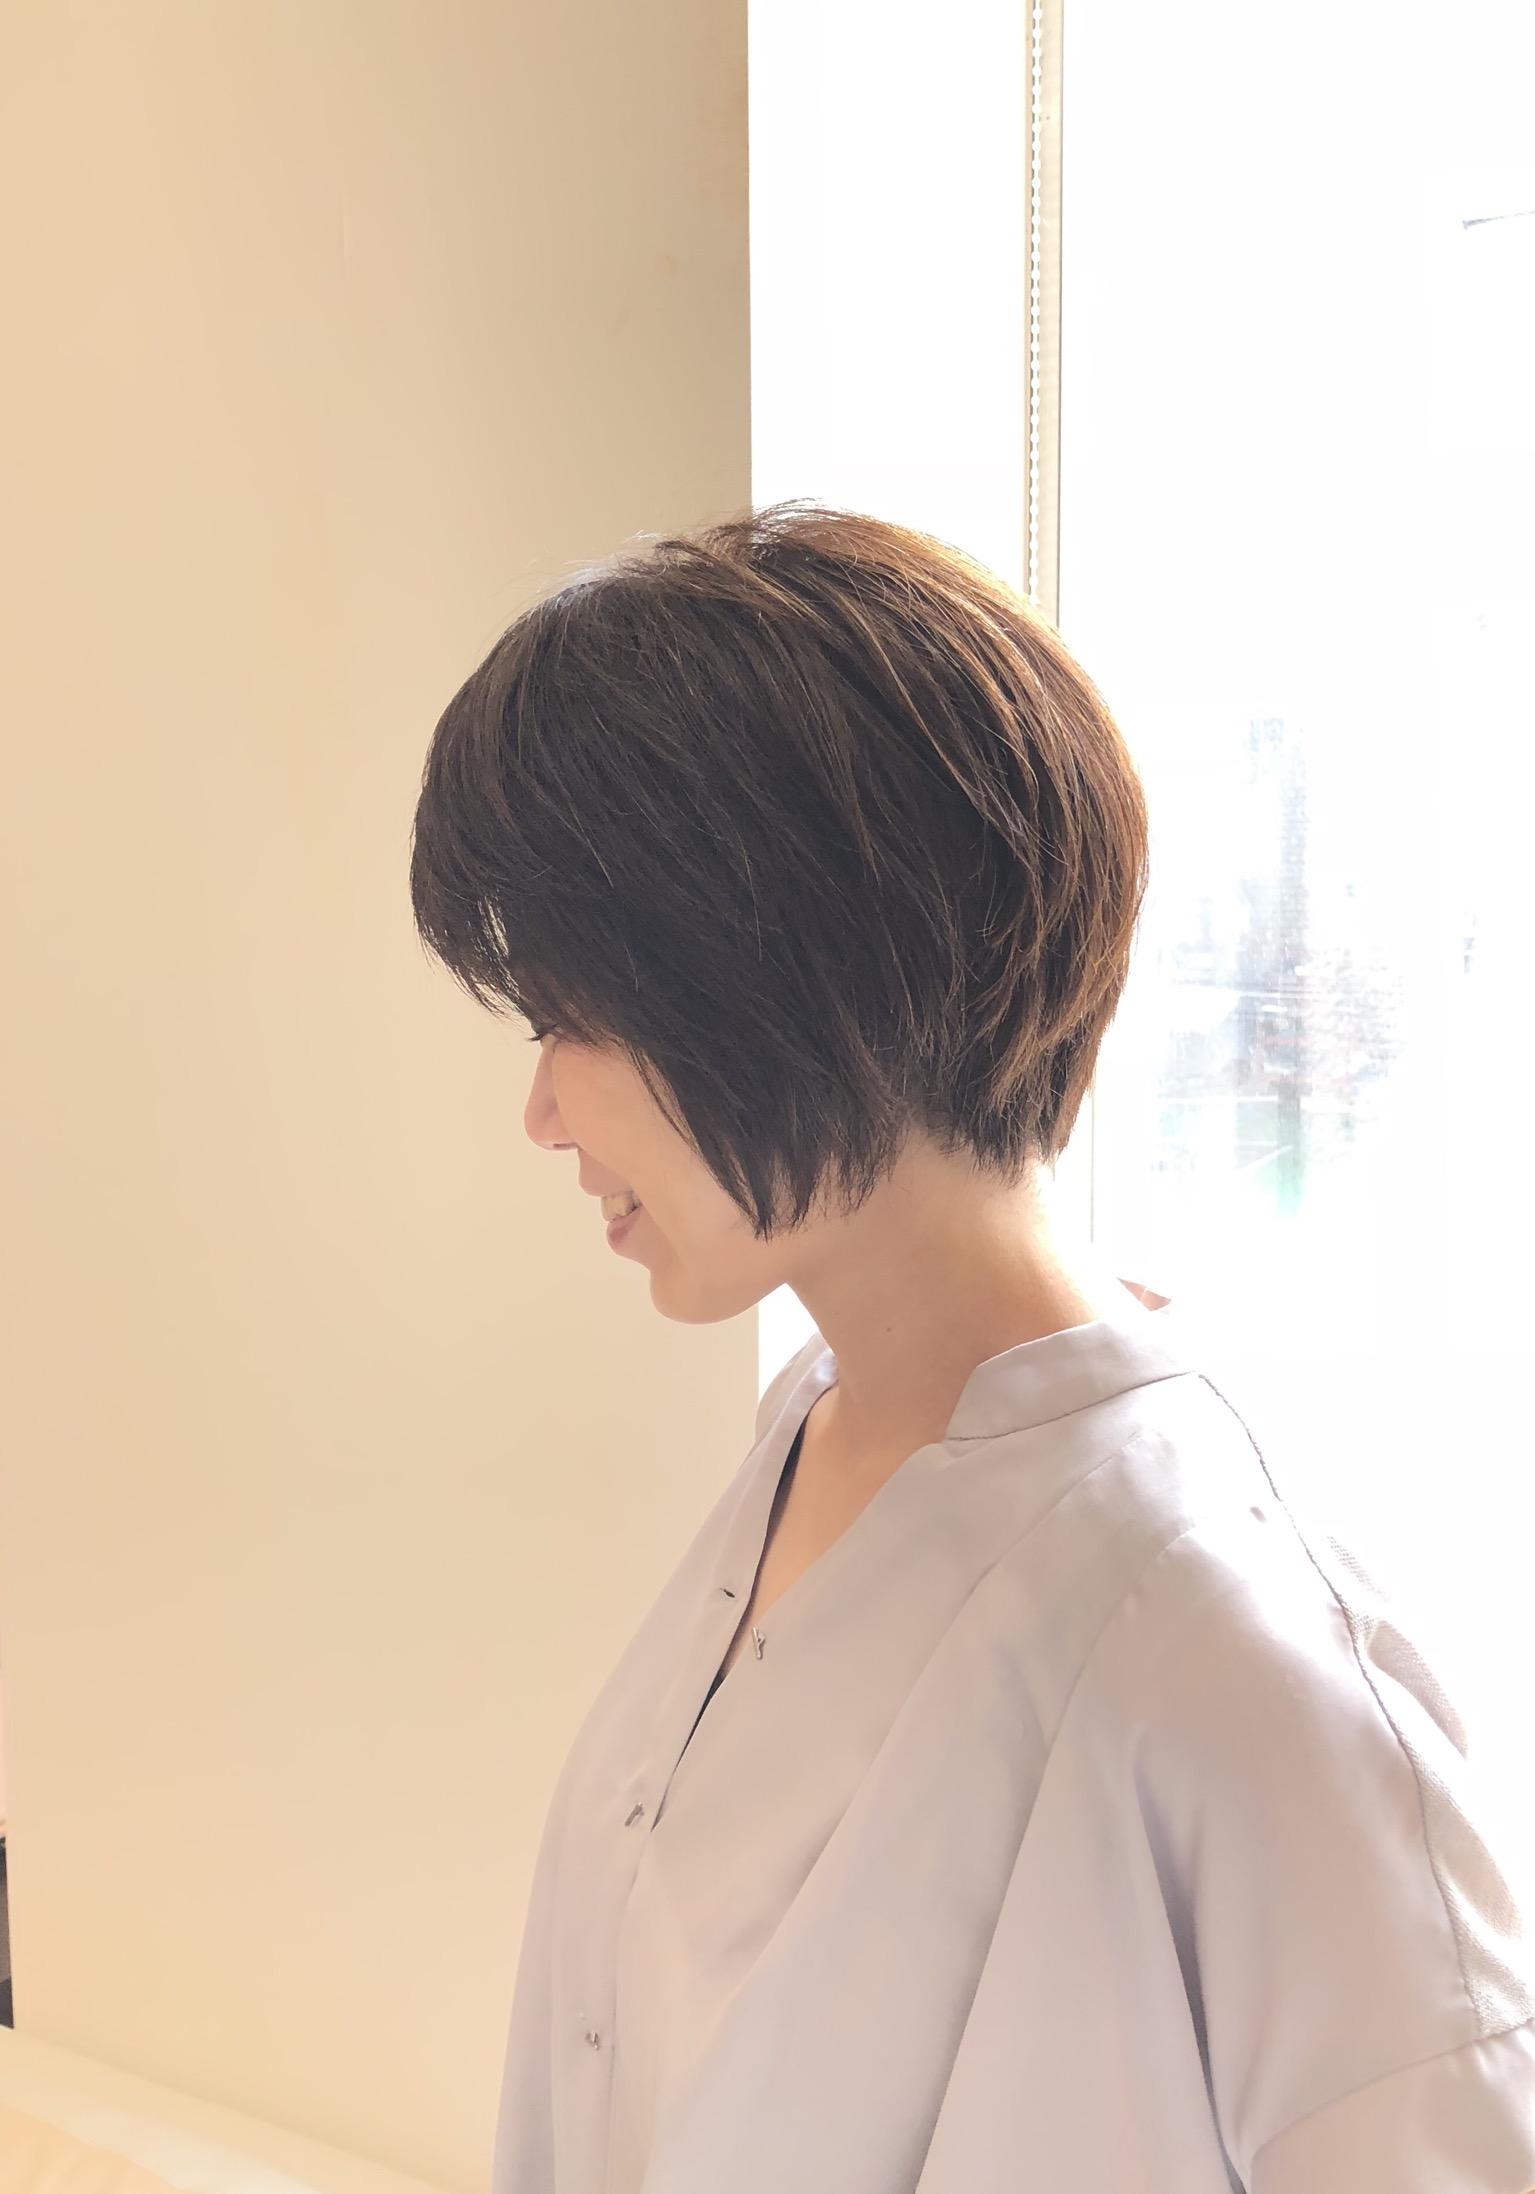 【カットは奥深い】100人いたら100通りの髪質、その方に適した長さや量の調整具合の見極めが必要